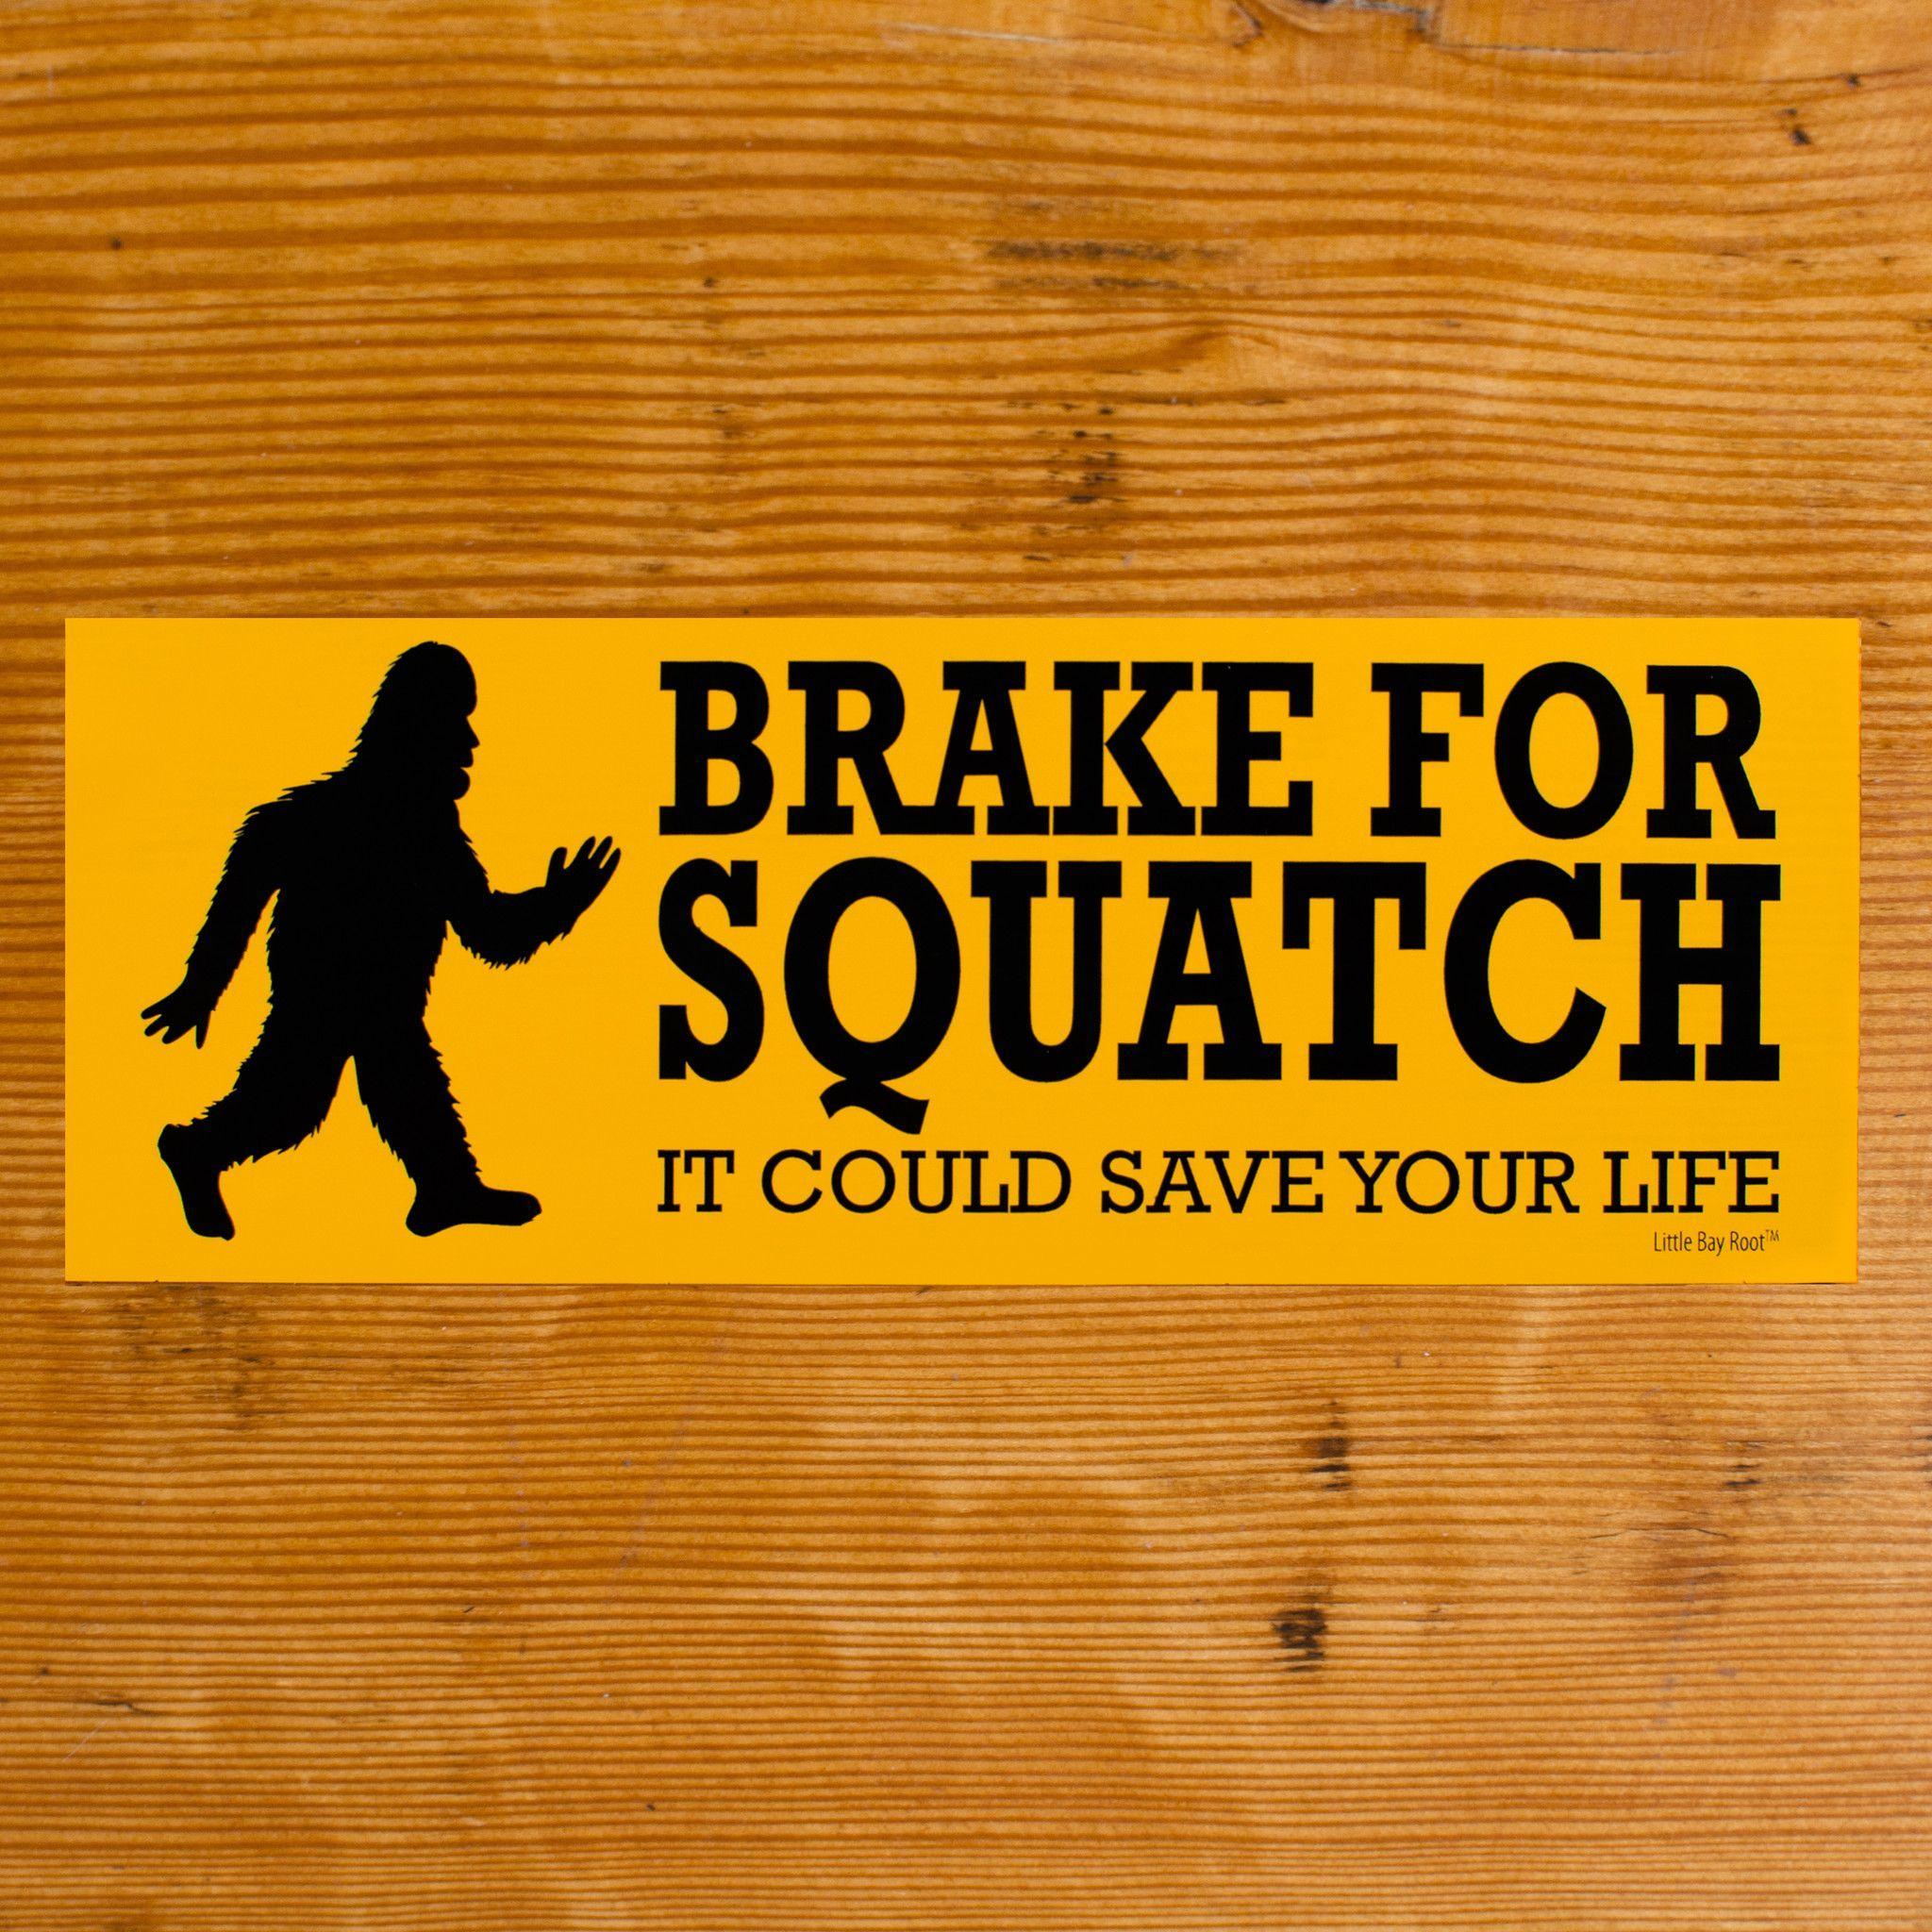 Brake for sasquatch sticker